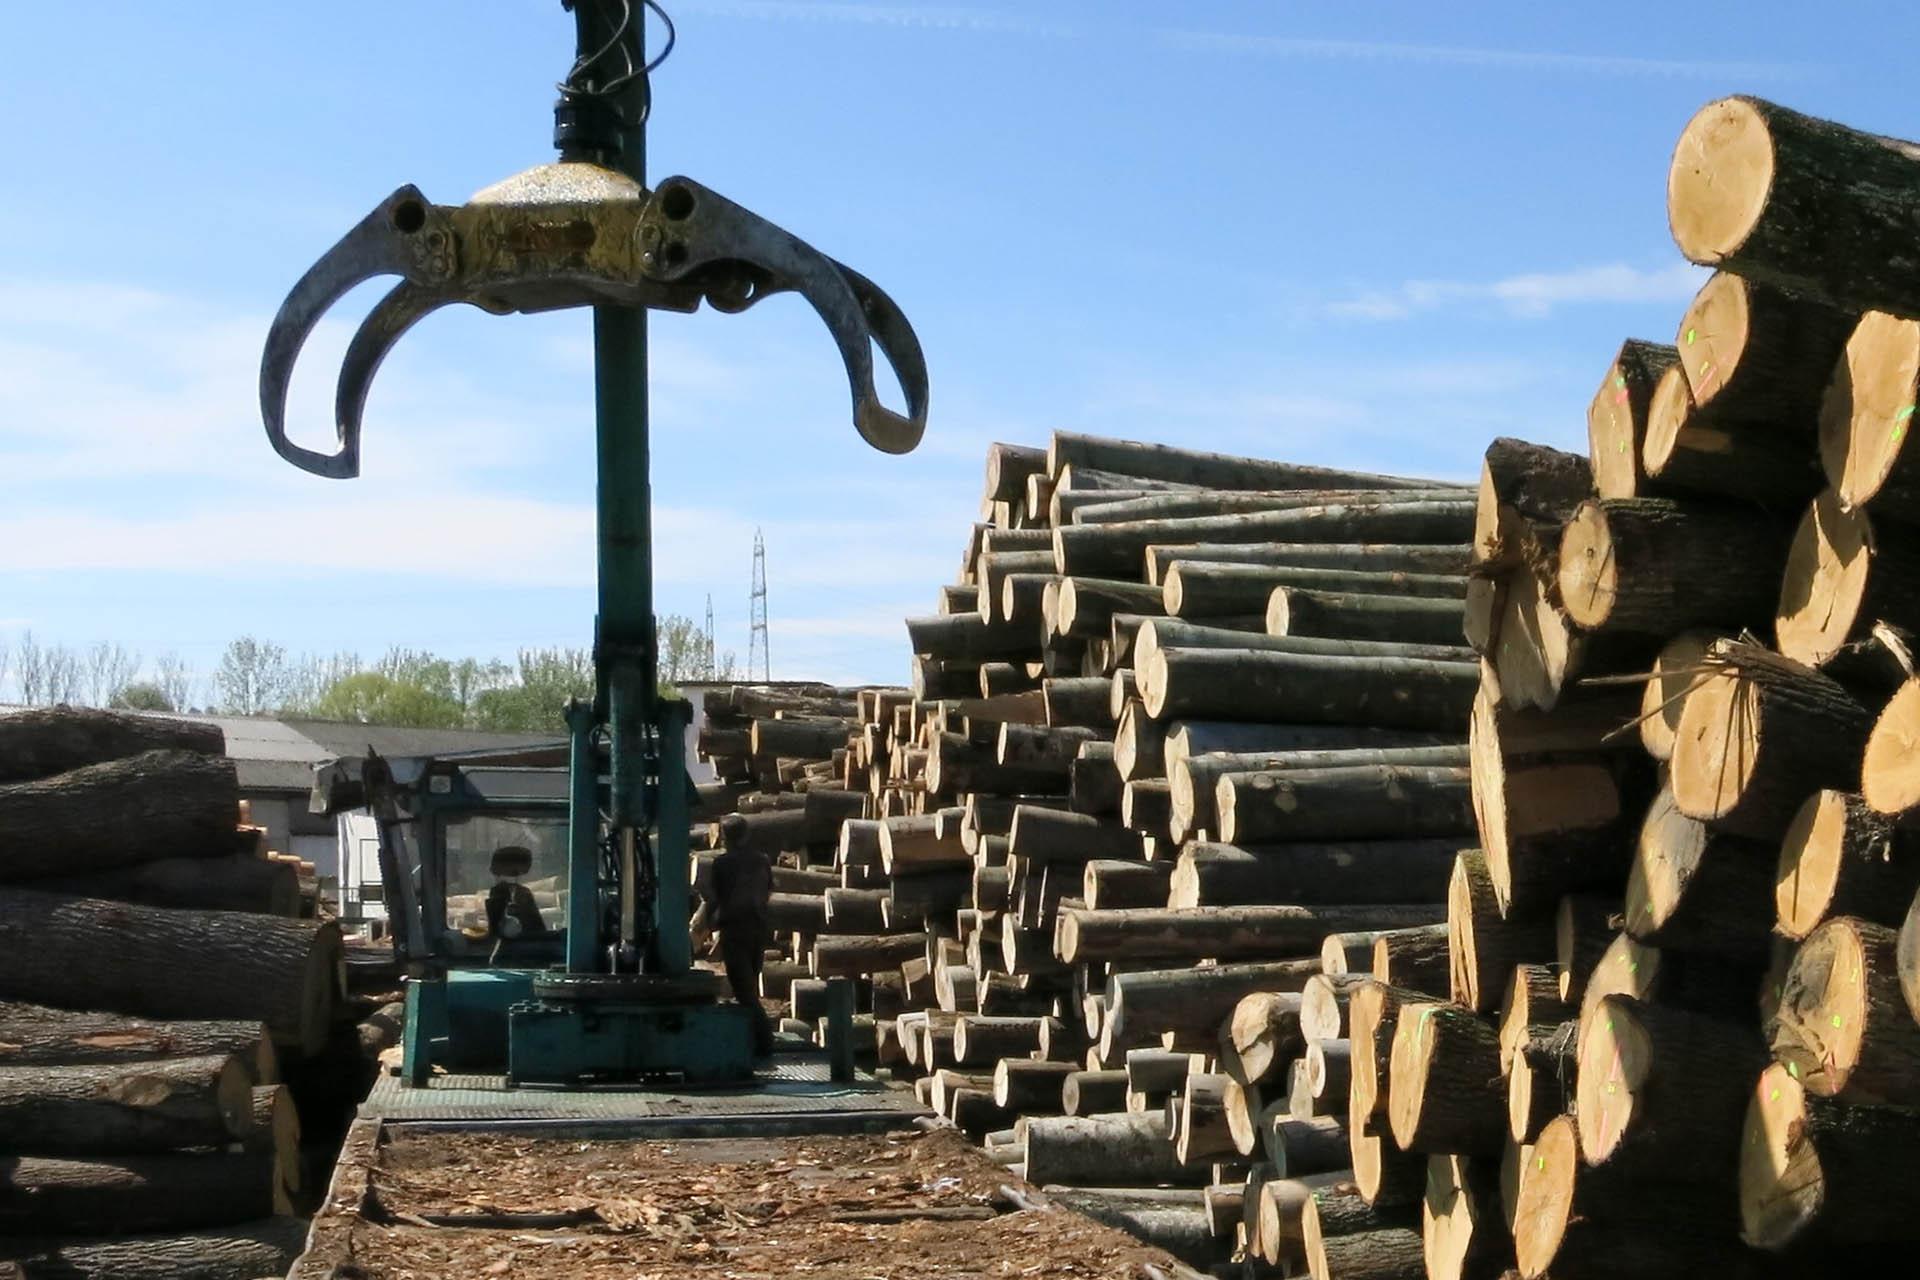 Holzhandel Wagner img 3568 1 jpg